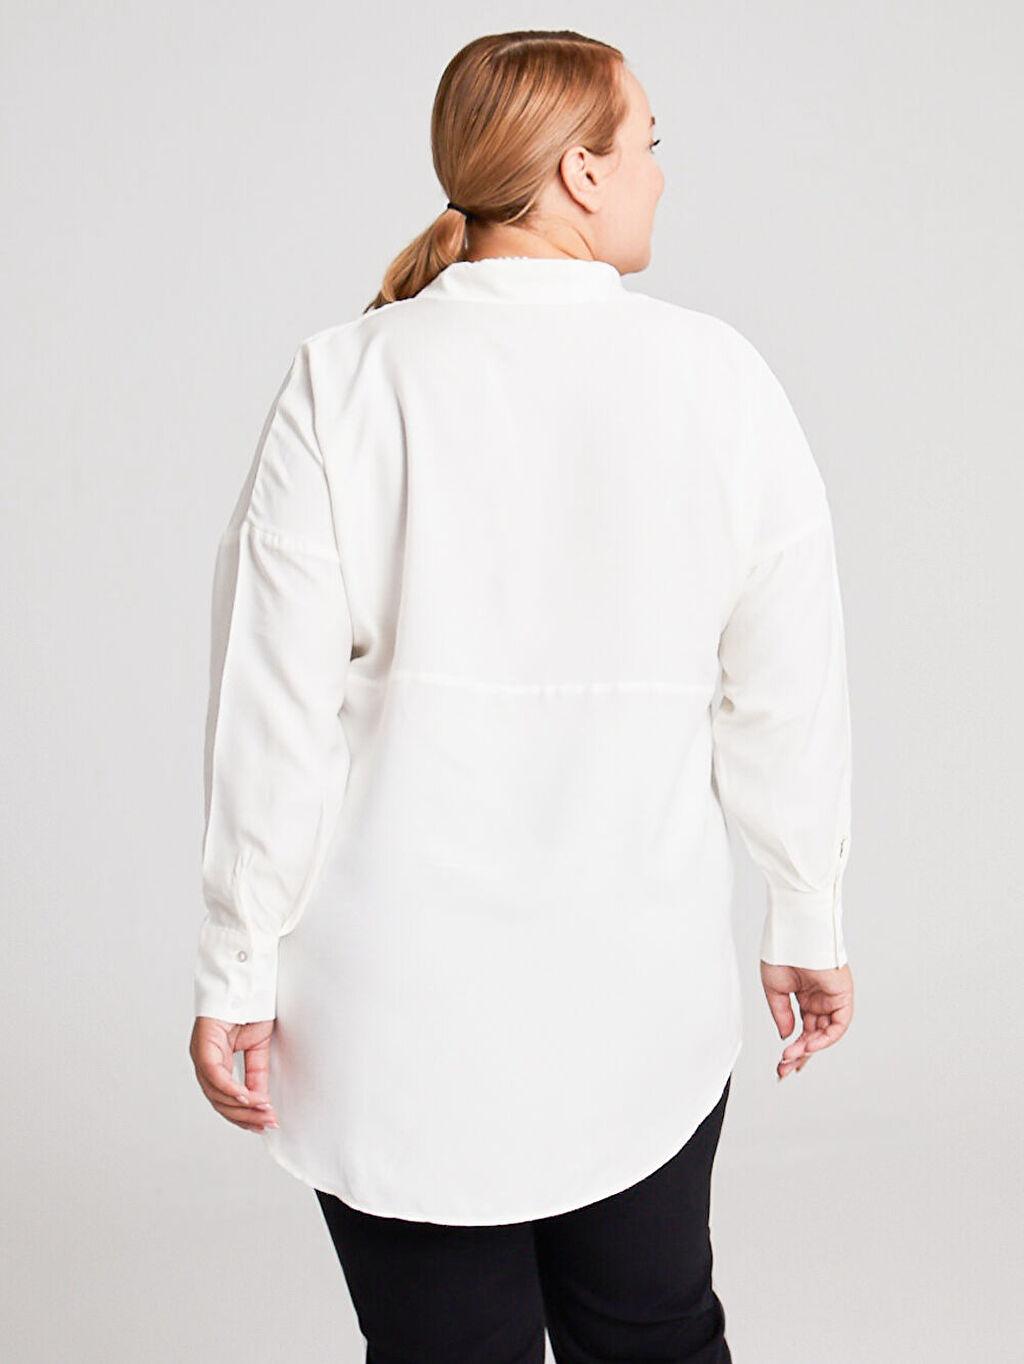 %100 Viskoz Gömlek Elbise Keten Görünümlü Gömlek Gömlek Yaka İnce Bol Uzun Uzun Kol Düz Cep Detaylı Salaş Gömlek